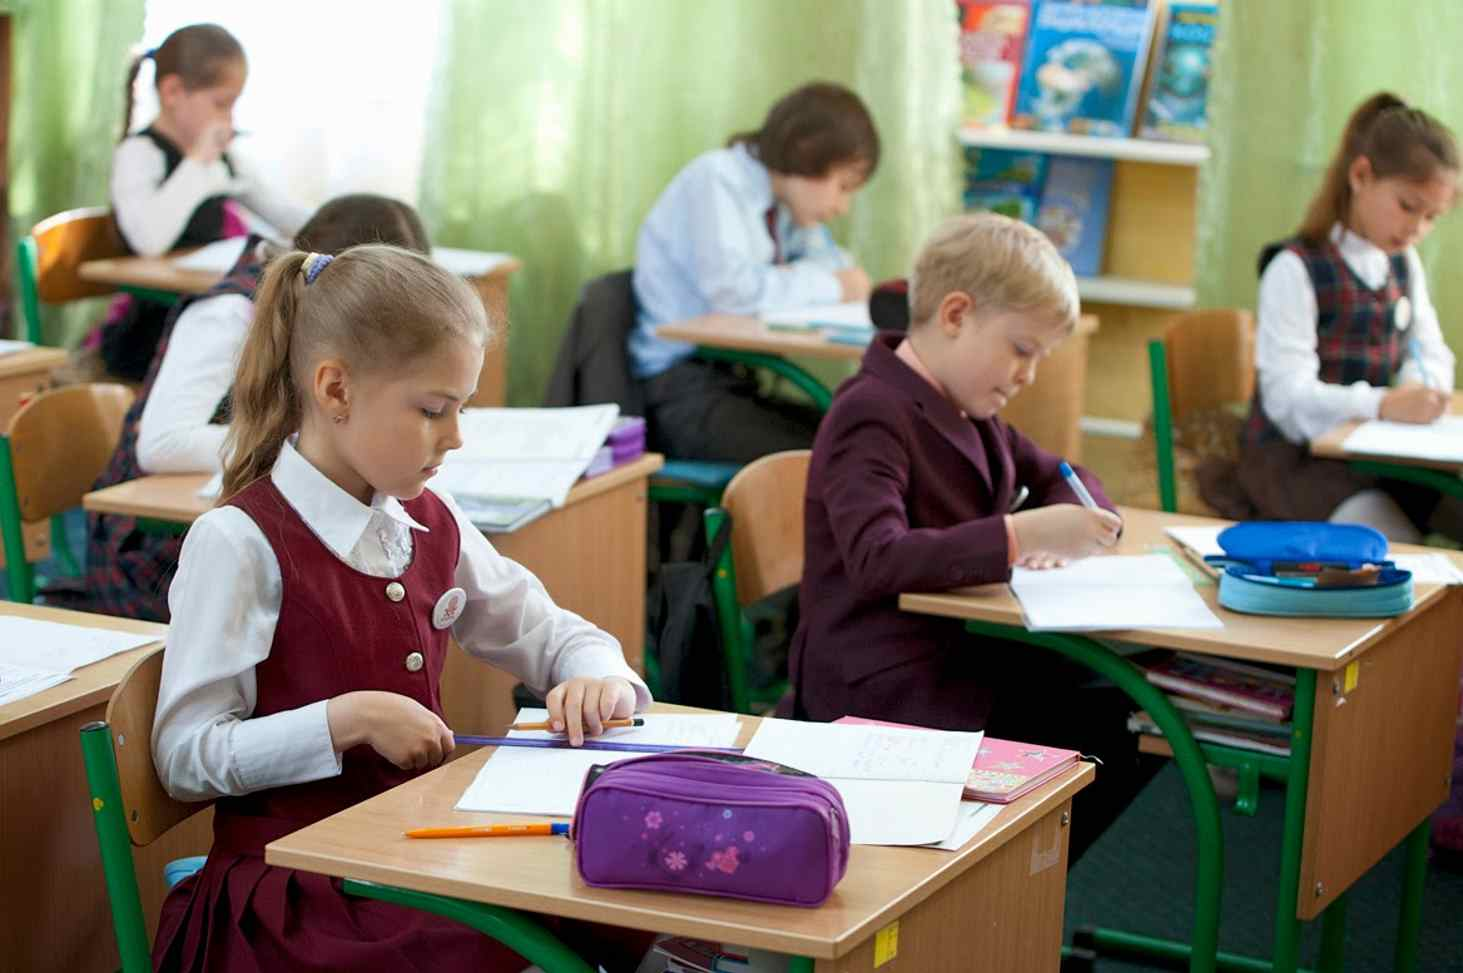 ekspert-chto-ne-tak-s-proektom-fgos-dlya-nachalnoj-shkoly